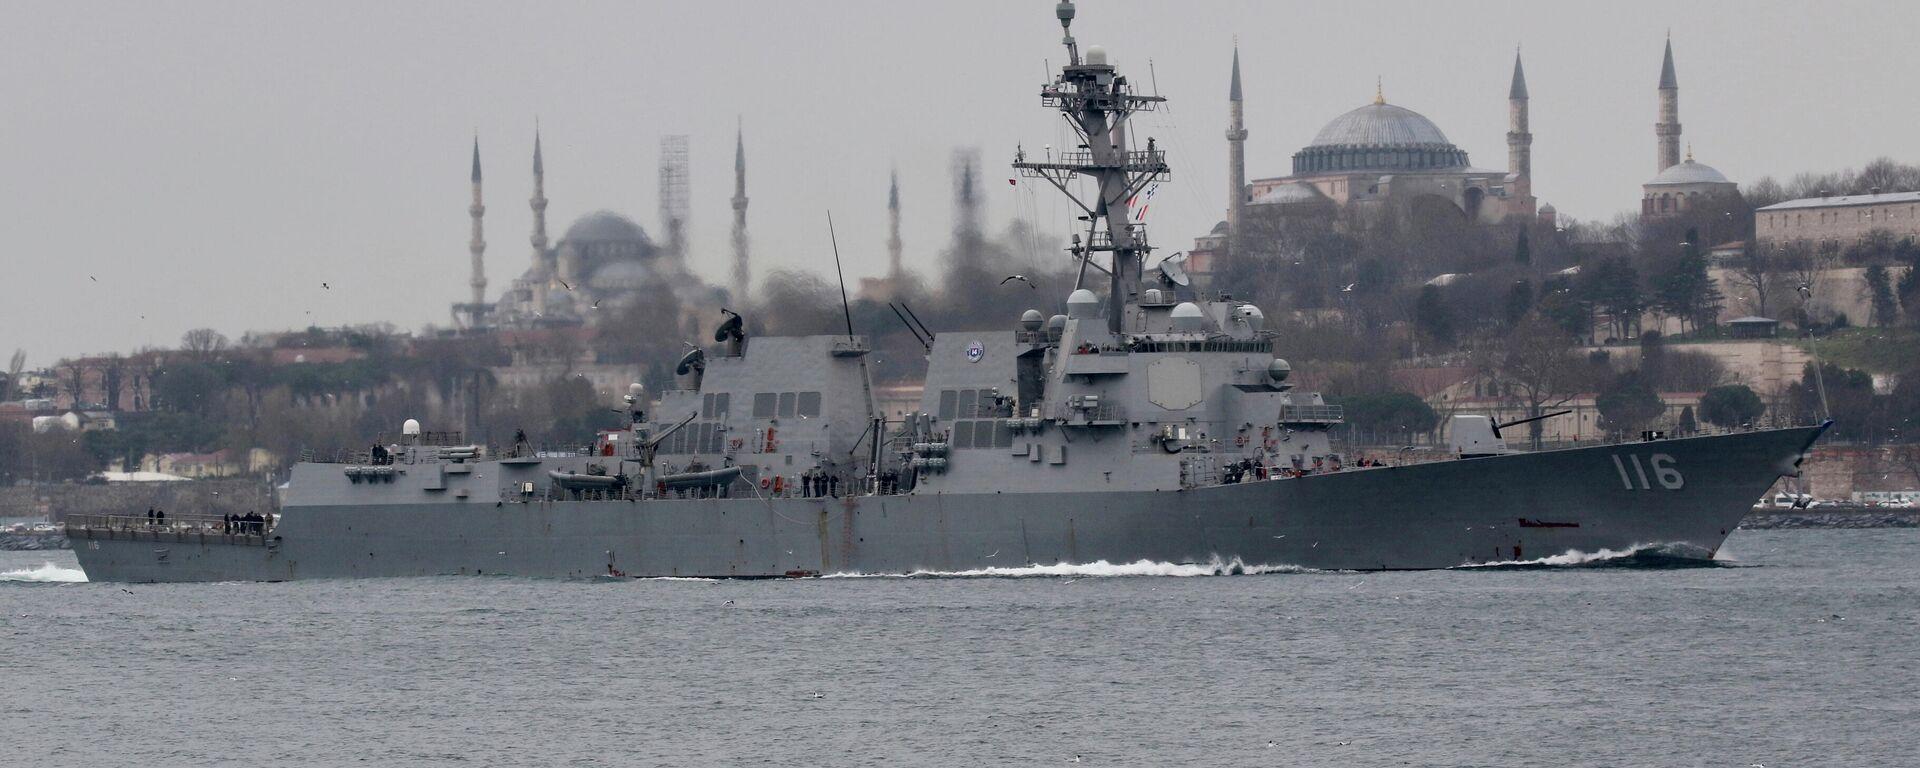 Der Lenkwaffen-Zerstörer der US-Marine, die USS Thomas Hudner (DDG-116), im Bosporus auf dem Weg zum Schwarzen Meer. - SNA, 1920, 09.04.2021